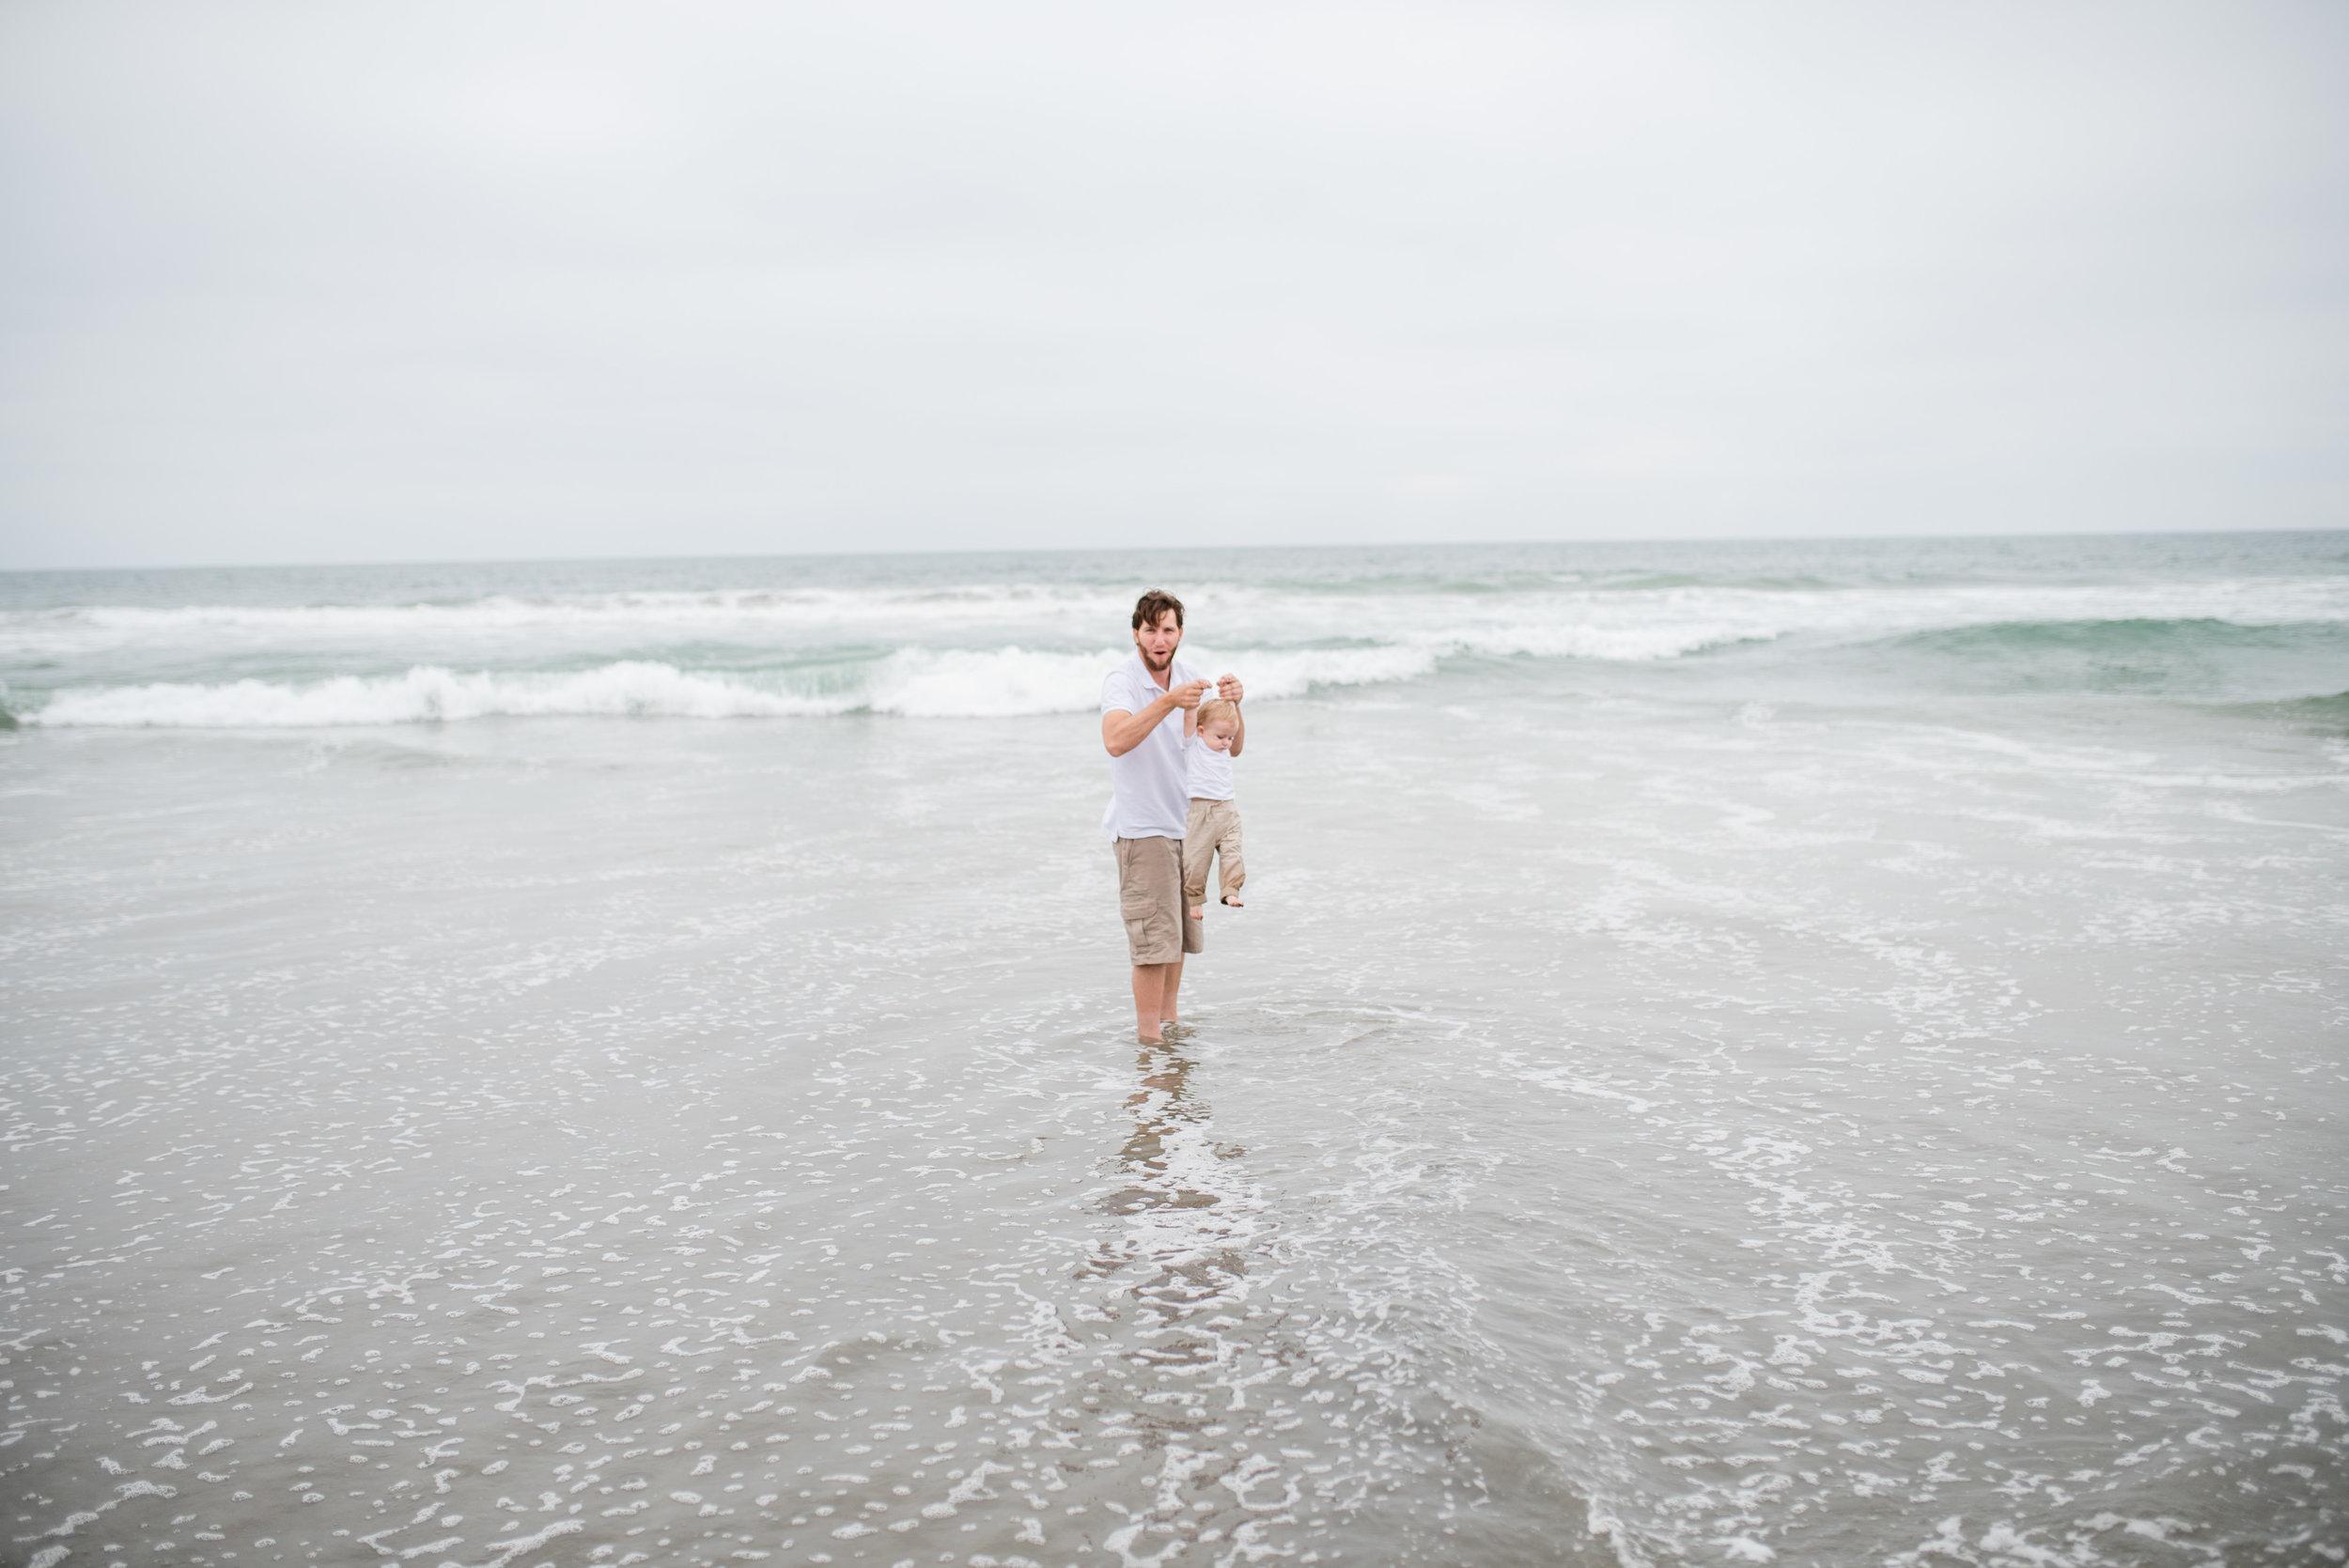 beachVaca18-119.jpg